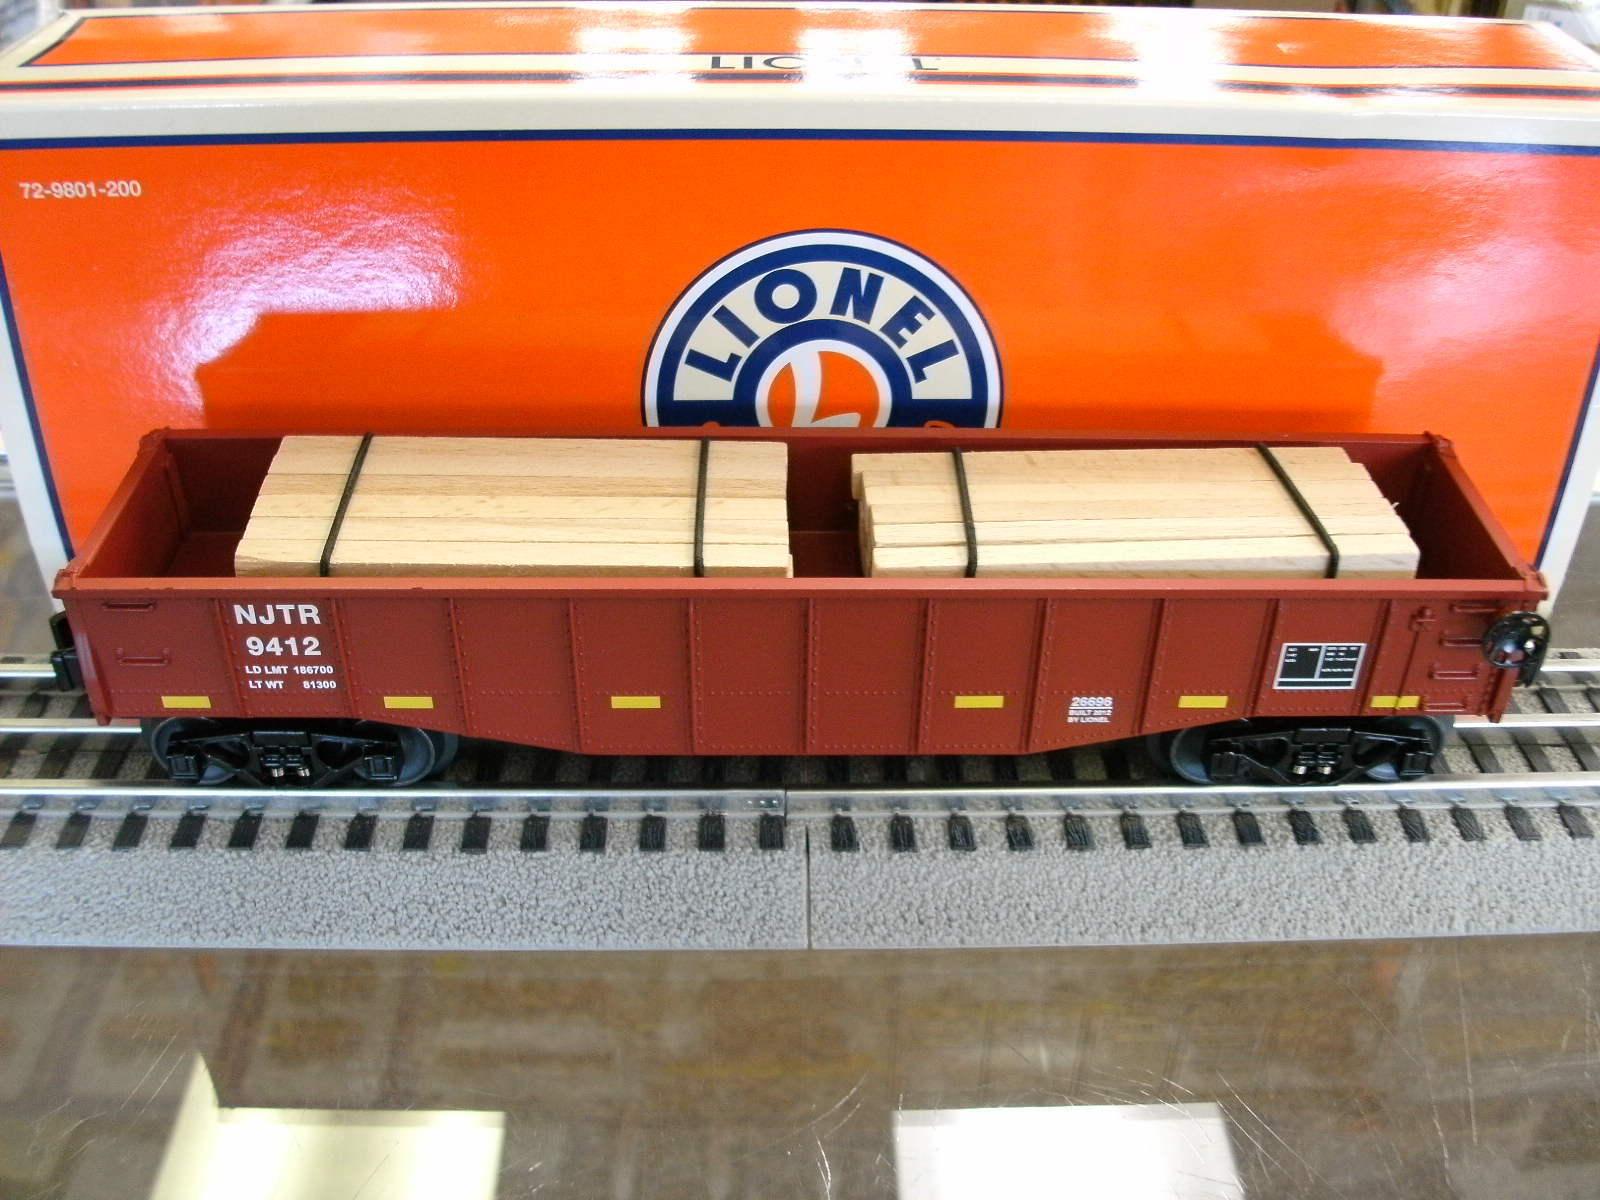 Lionel O-gauge NJ Transit Gondola car w wood tie load  - 2012 issue  6-26696